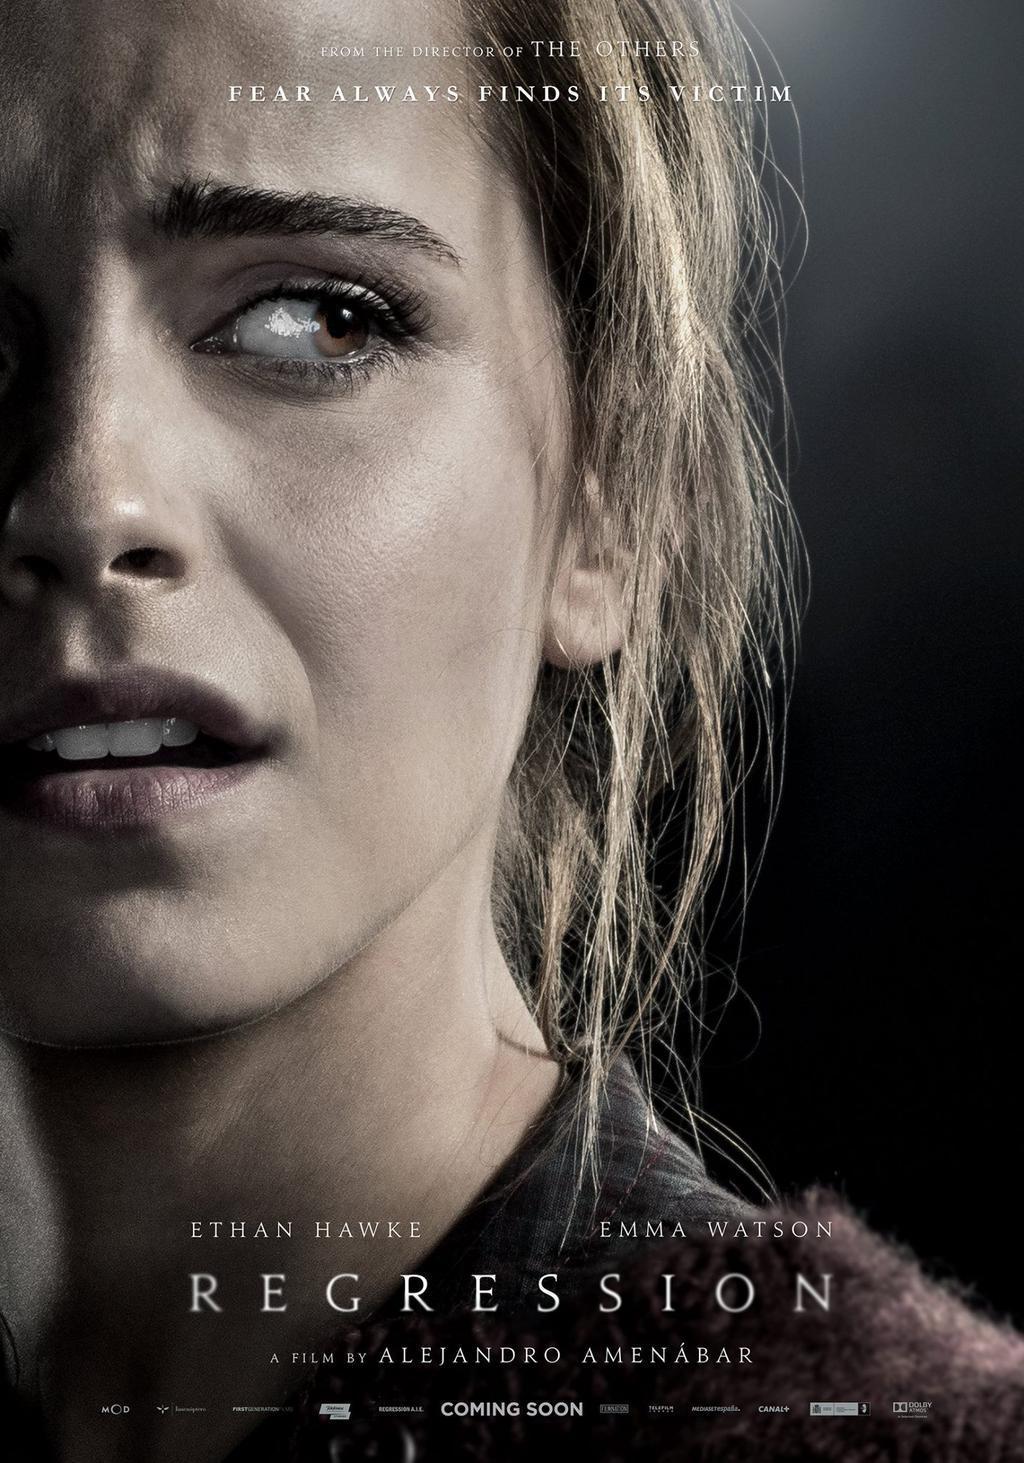 ... Ethan Hawke juntos no trailer de Regression | Cinema de Buteco